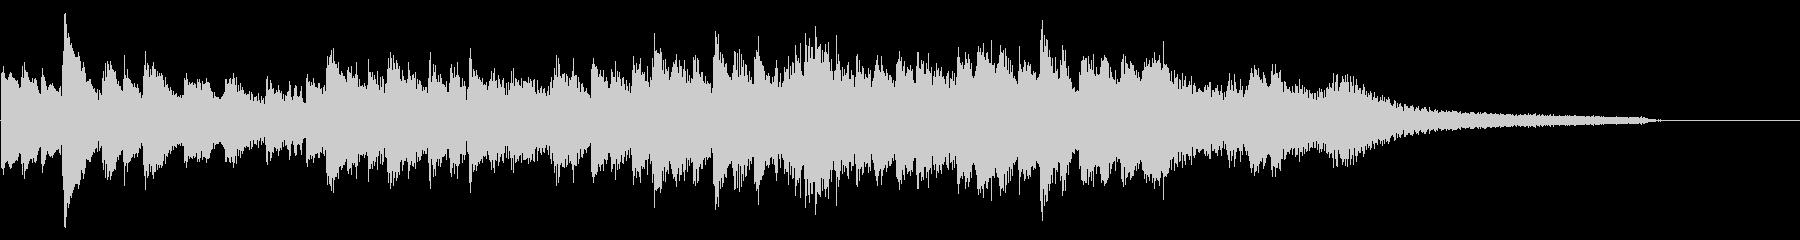 KANTピアノソロの穏やかなジングルの未再生の波形